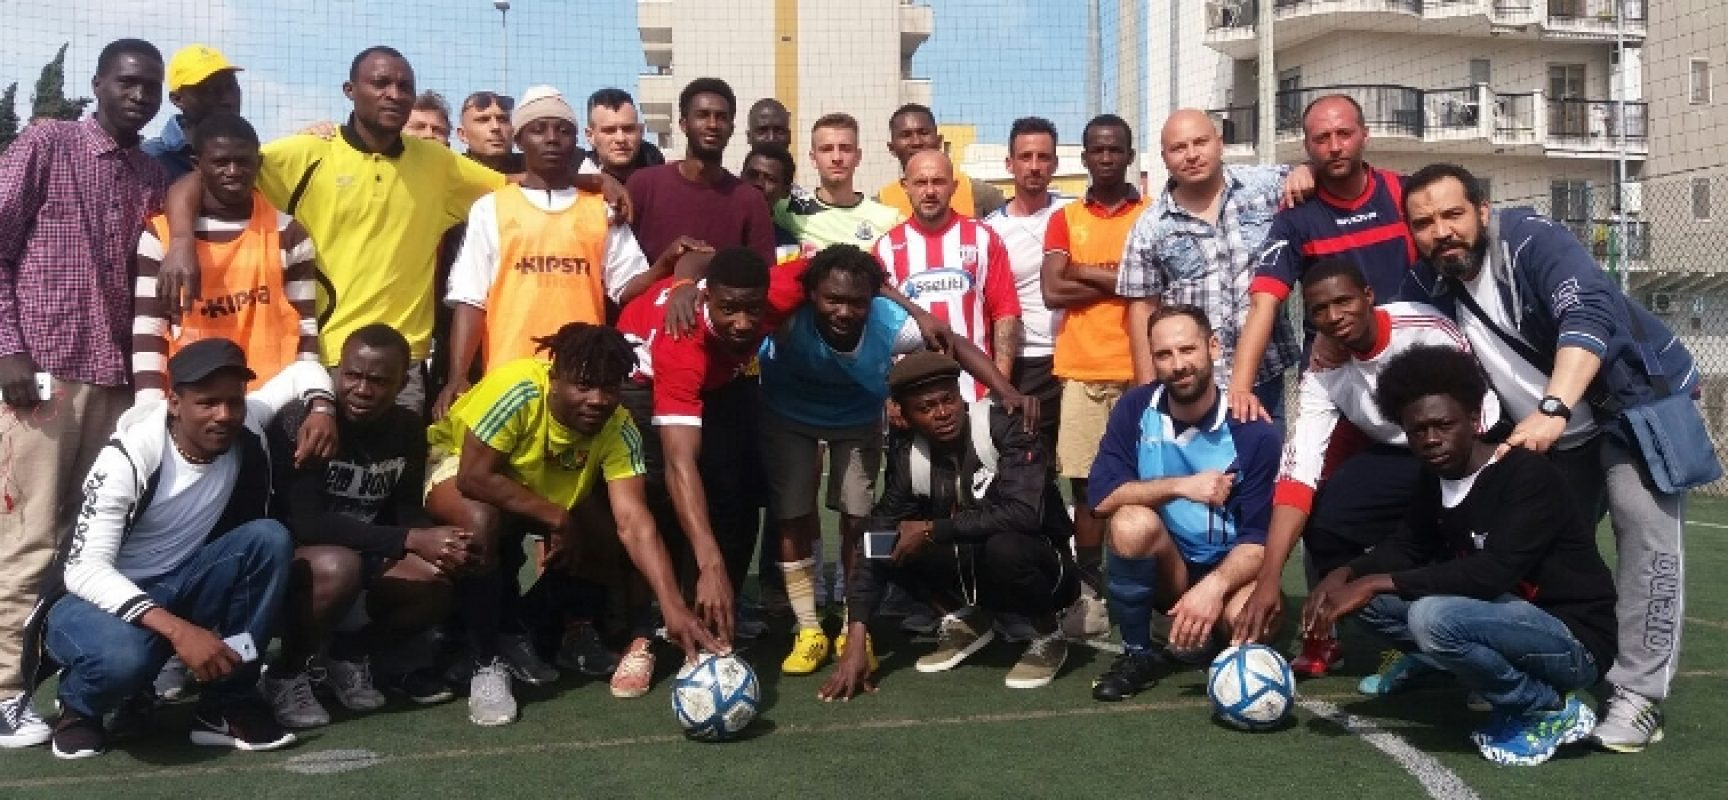 Foundation Day, Decathlon Molfetta e Oasi 2 insieme per un pomeriggio di sport e solidarietà